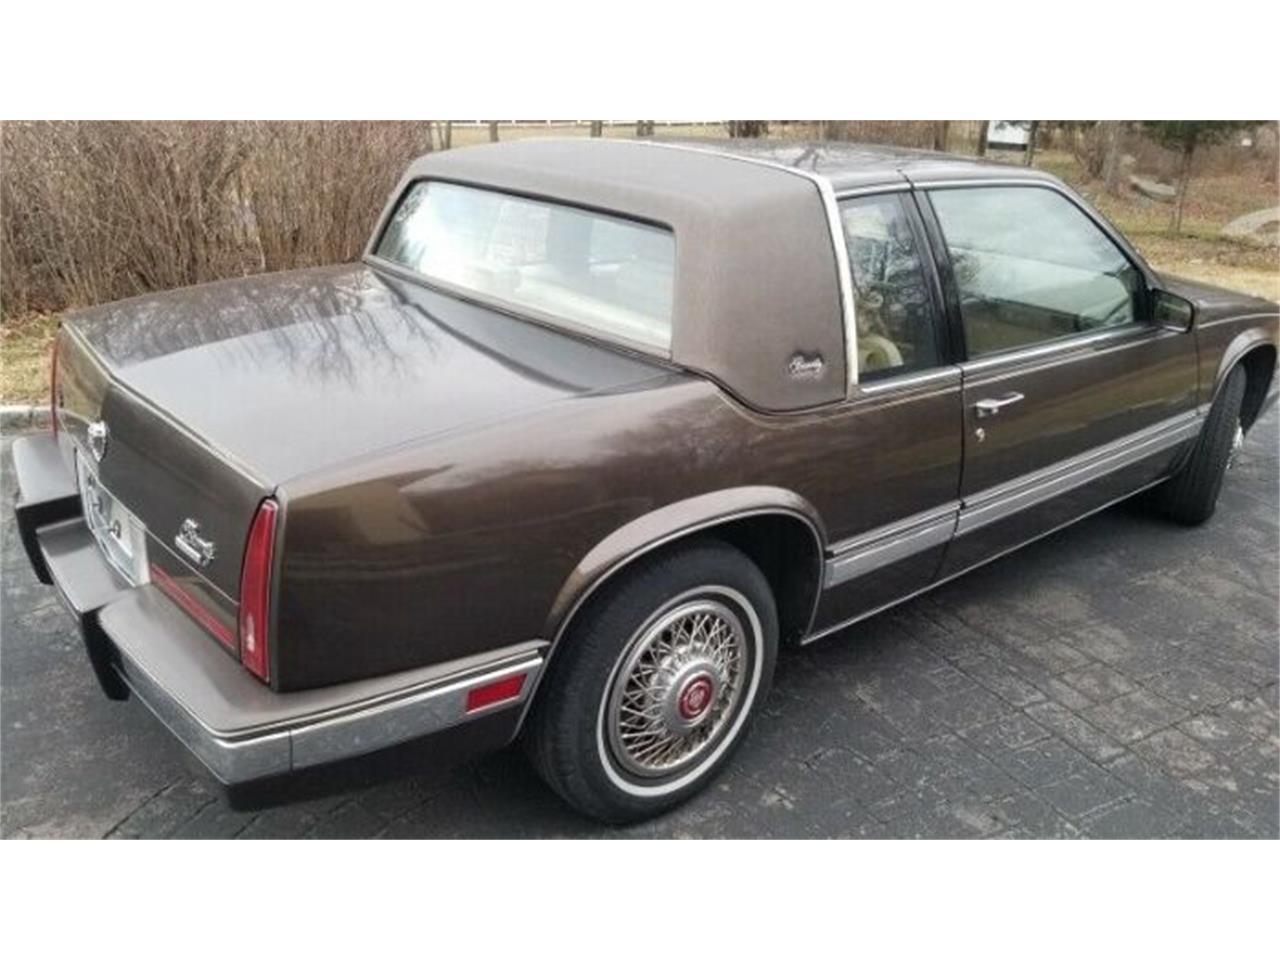 1986 cadillac eldorado for sale classiccars com cc 1366268 classic cars